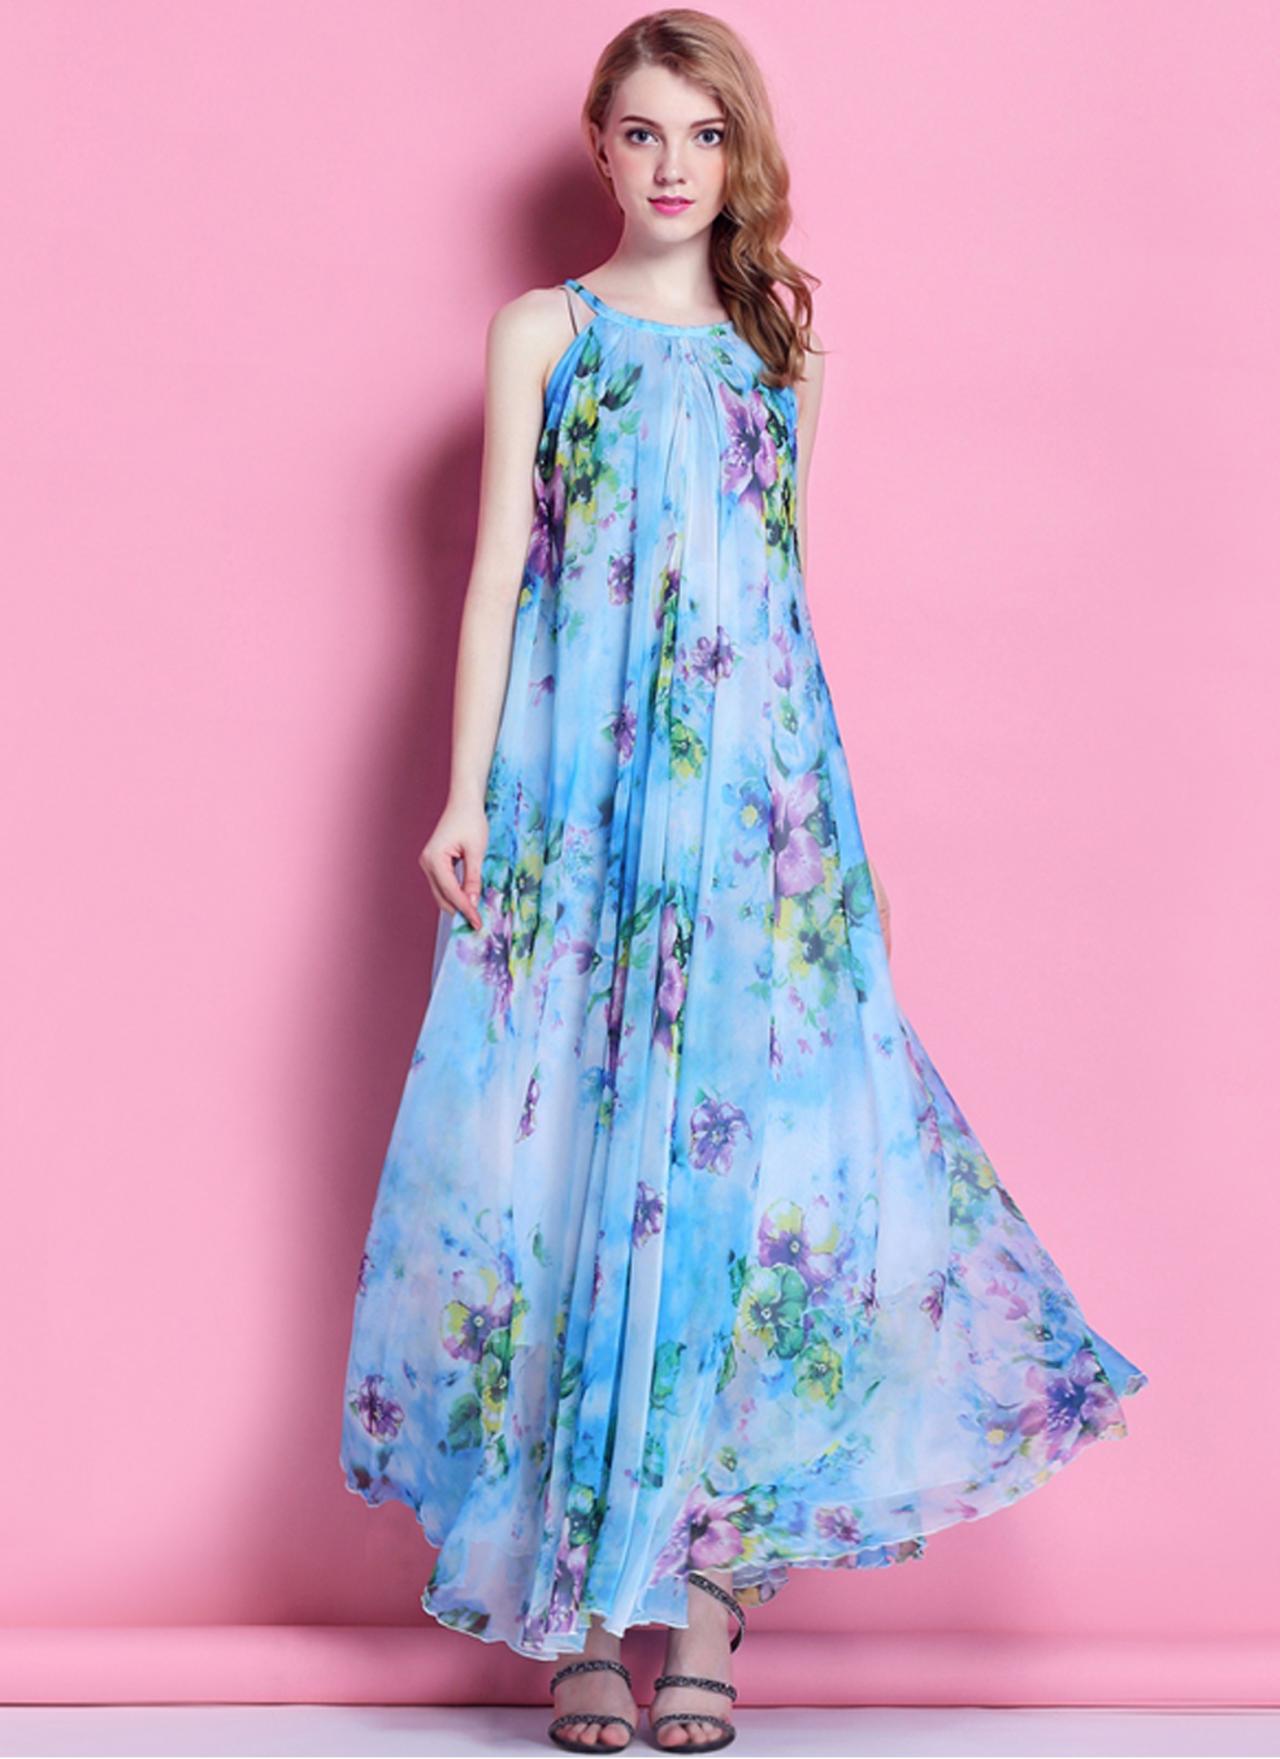 8b0d159922be Boho Floral Long Beach Maxi Dress Lightweight Sundress Plus Size Summer  Dress Holiday Beach Dress Br on Luulla